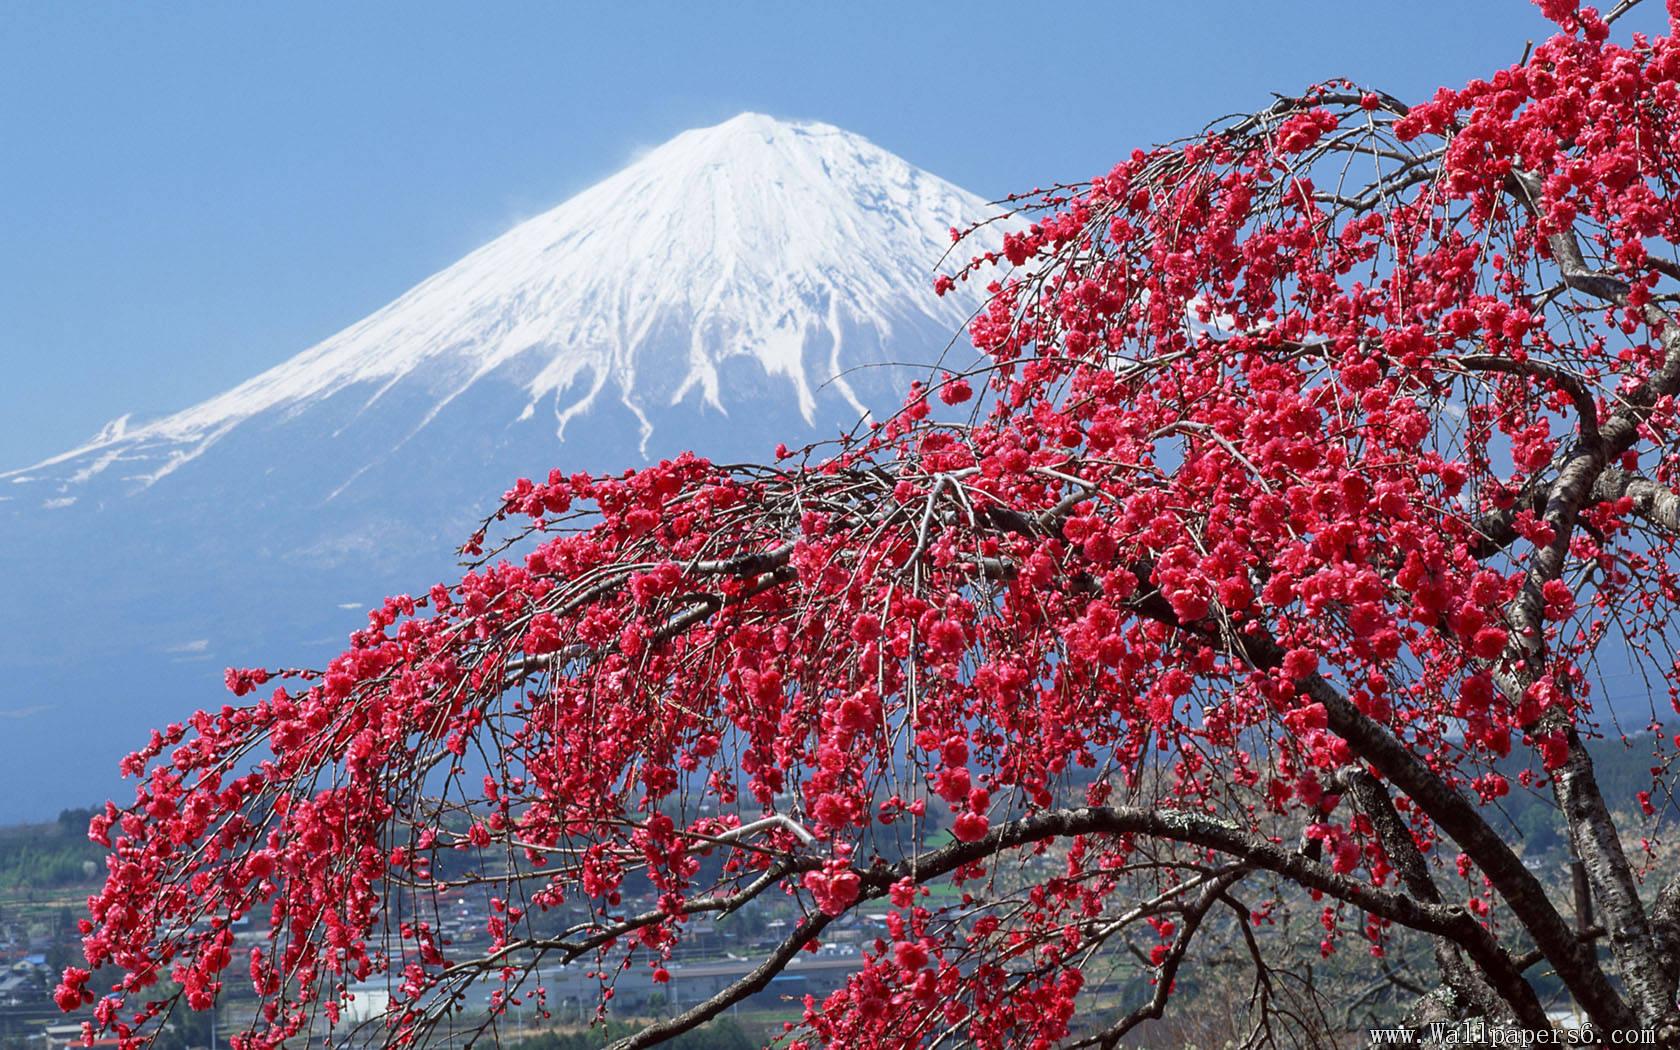 谁有富士山和樱花的高清图片啊